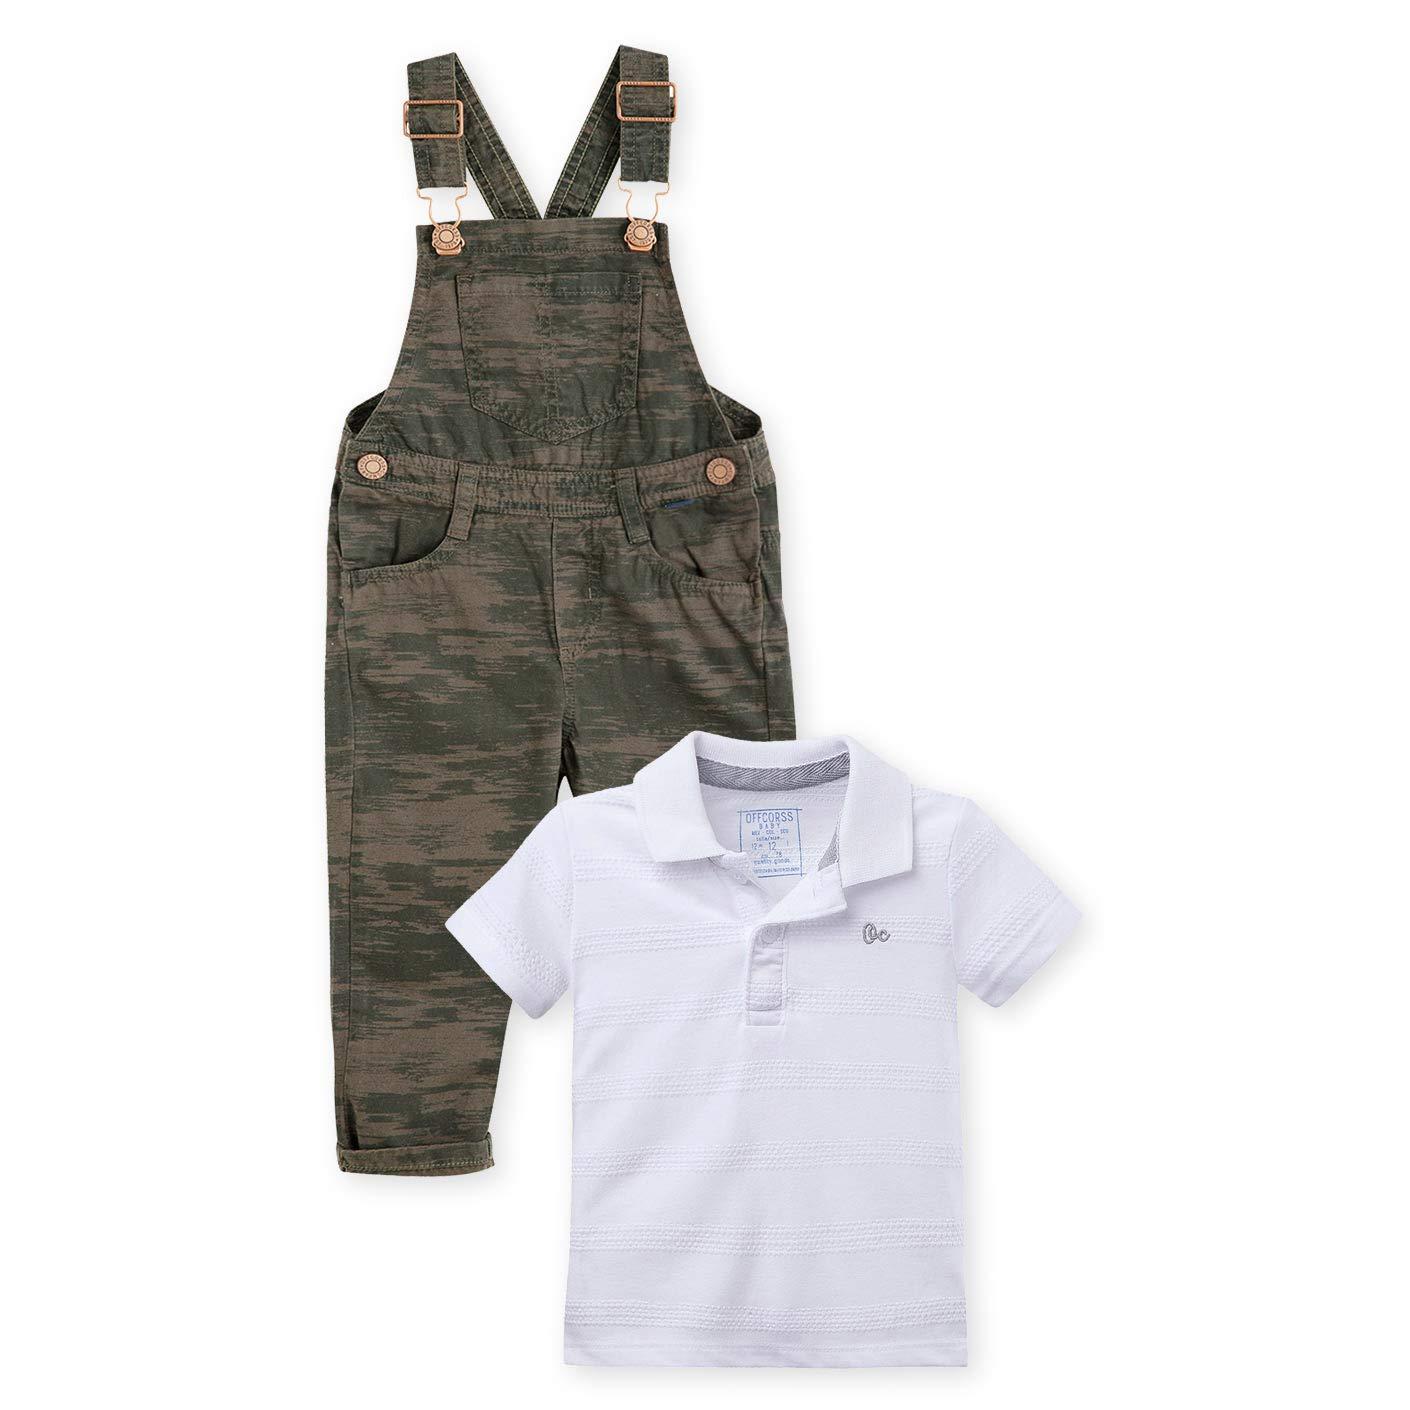 OFFCORSS Baby Toddler Boy Overall Pique Polo Shirt Set Green White